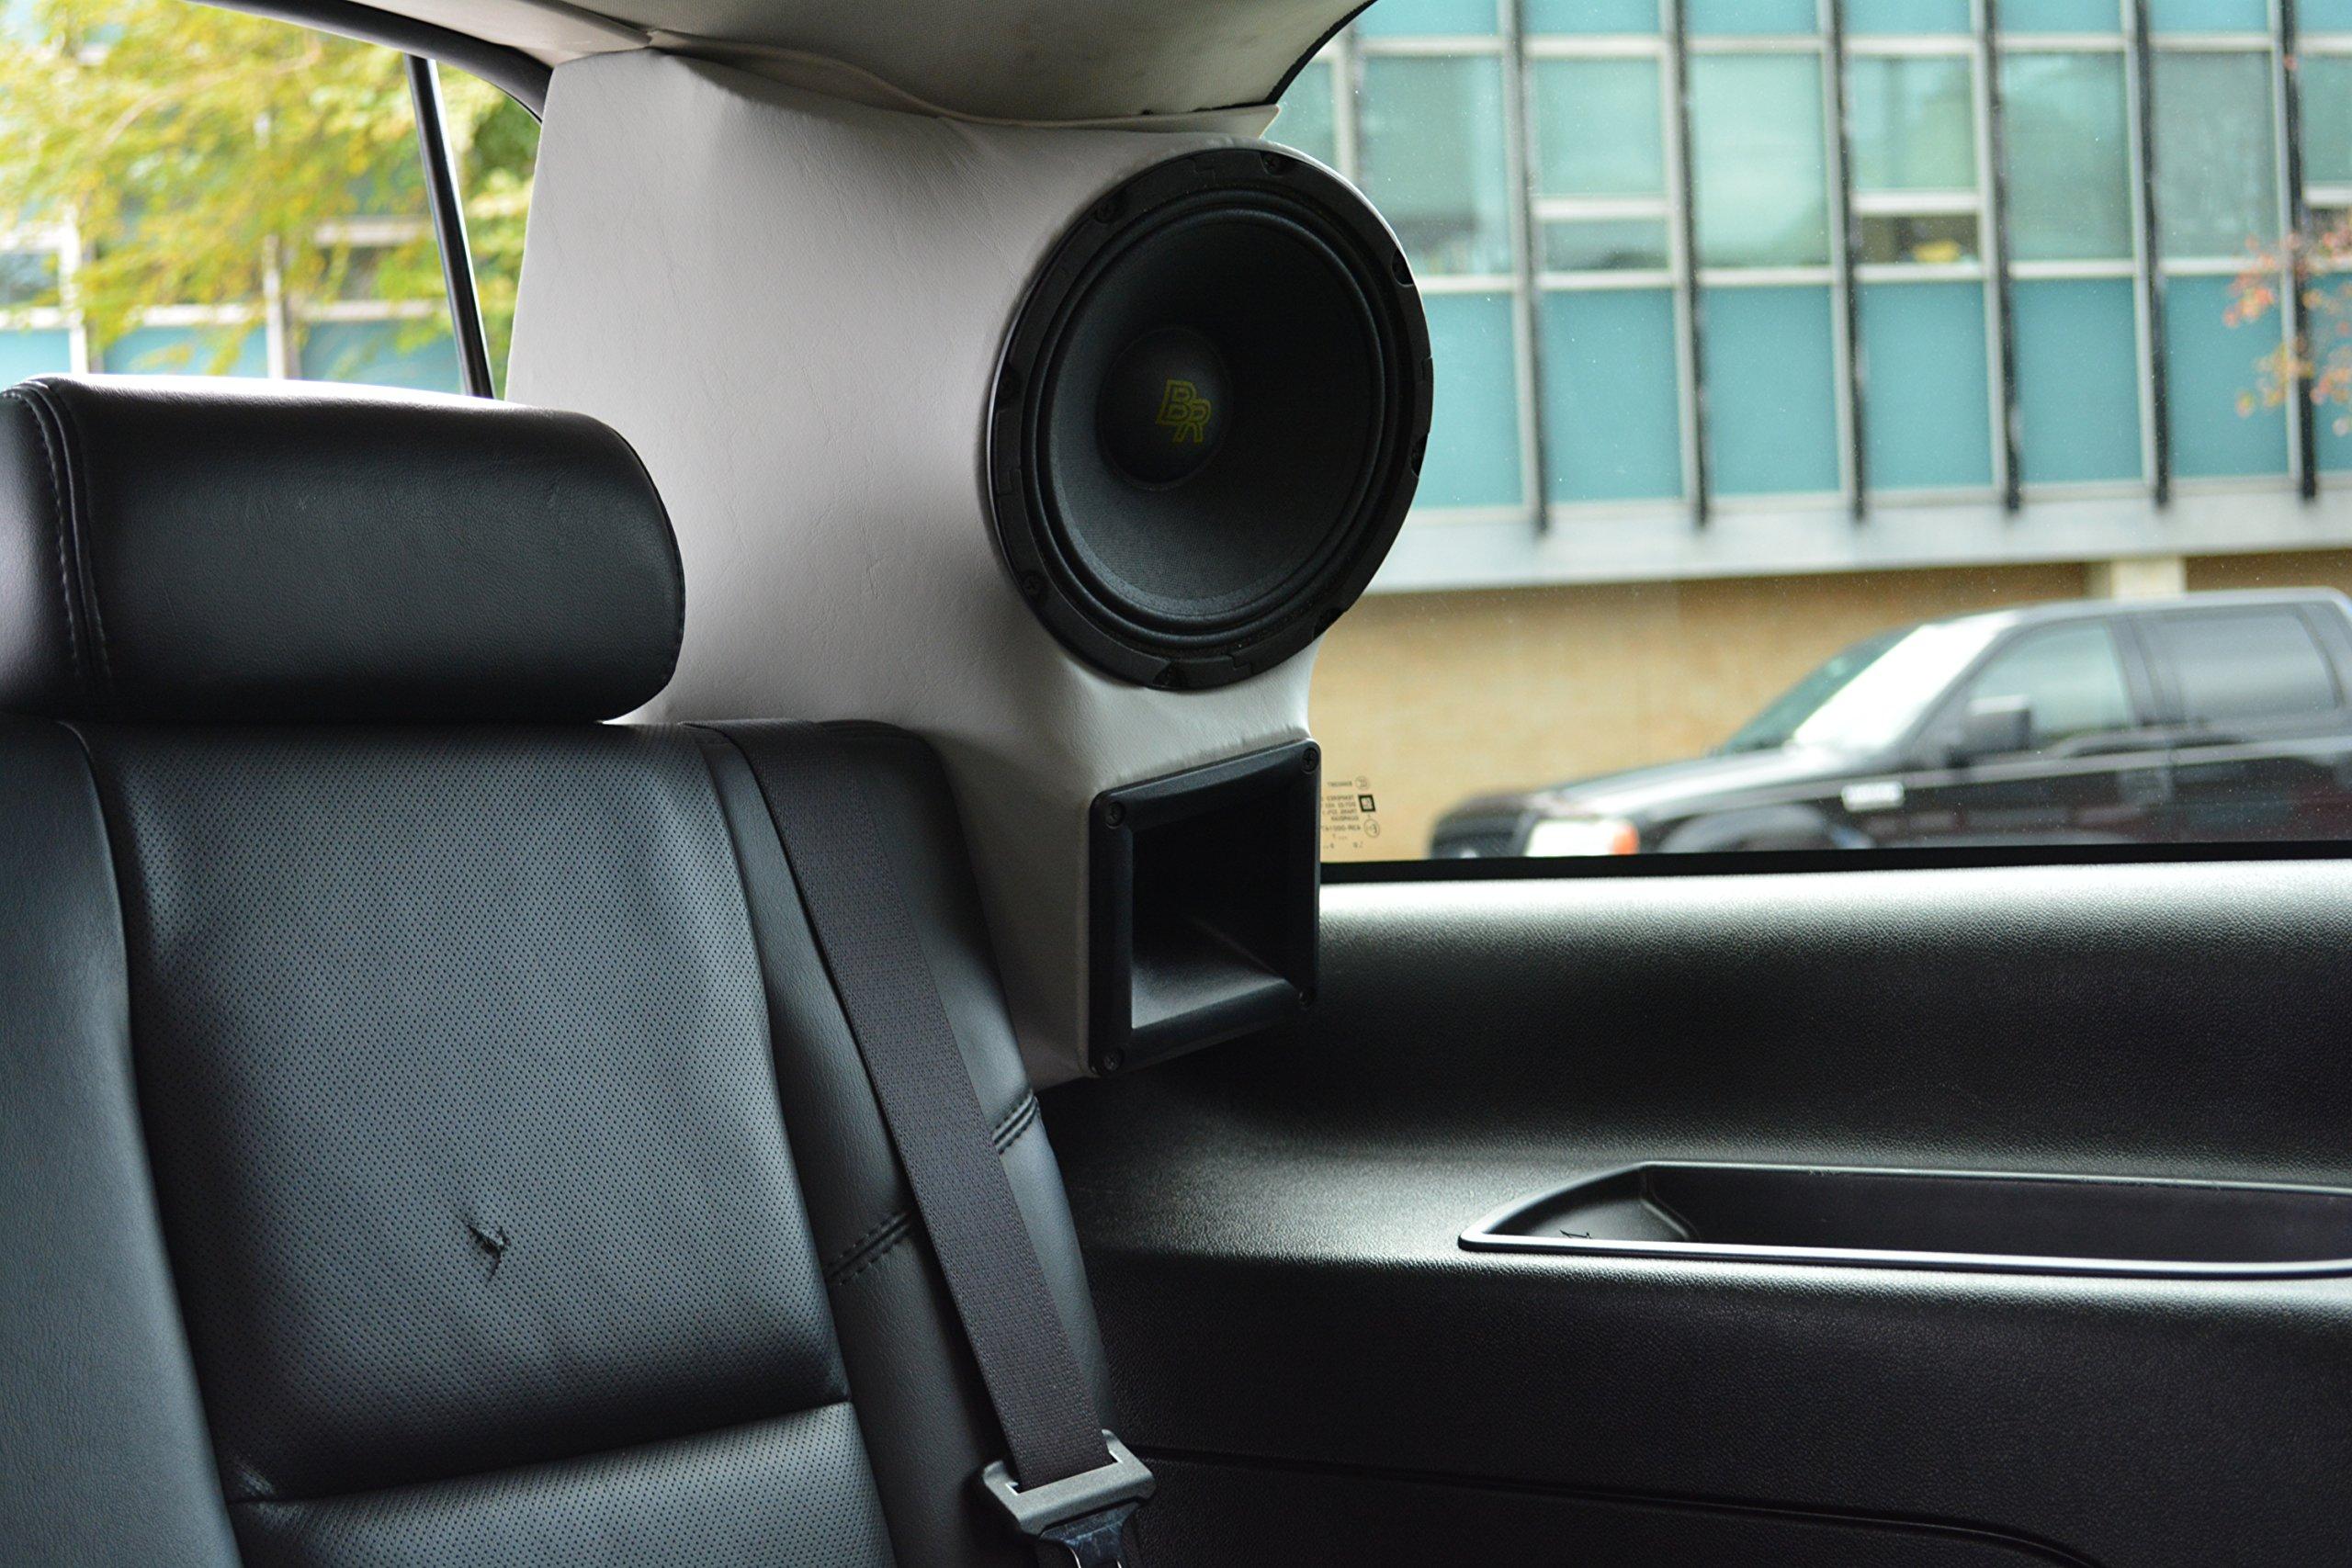 Bass Rockers 6.5'' 300W Closed Basket Mid-Range Speaker (BRM6C) by Bassrockers.net (Image #7)